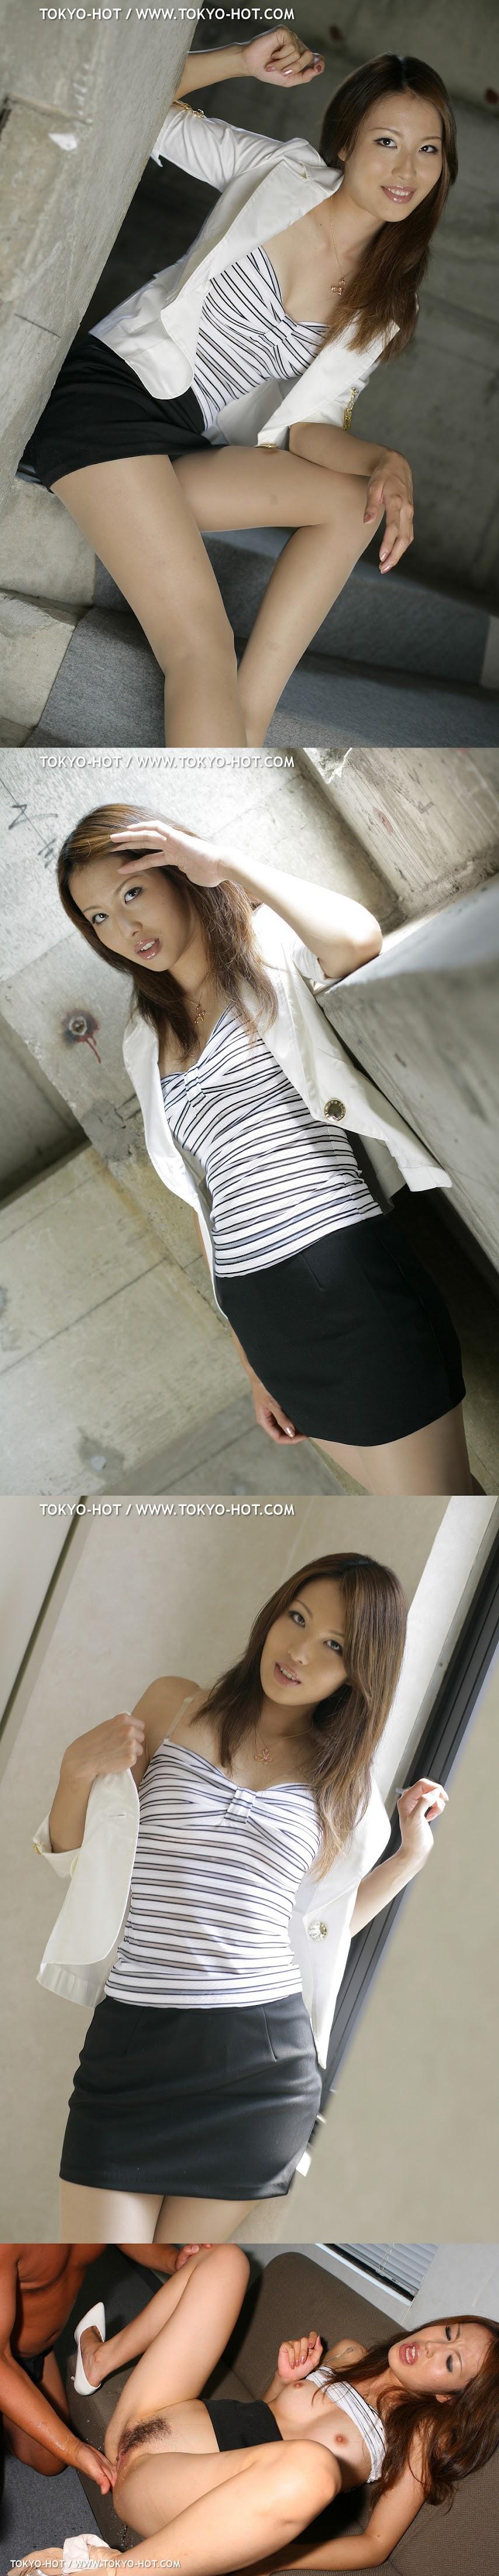 e217arisa_yuduki_006.zip-jk- Tokyo-Hot e218maki noguchi 002 tokyo-hot 09160